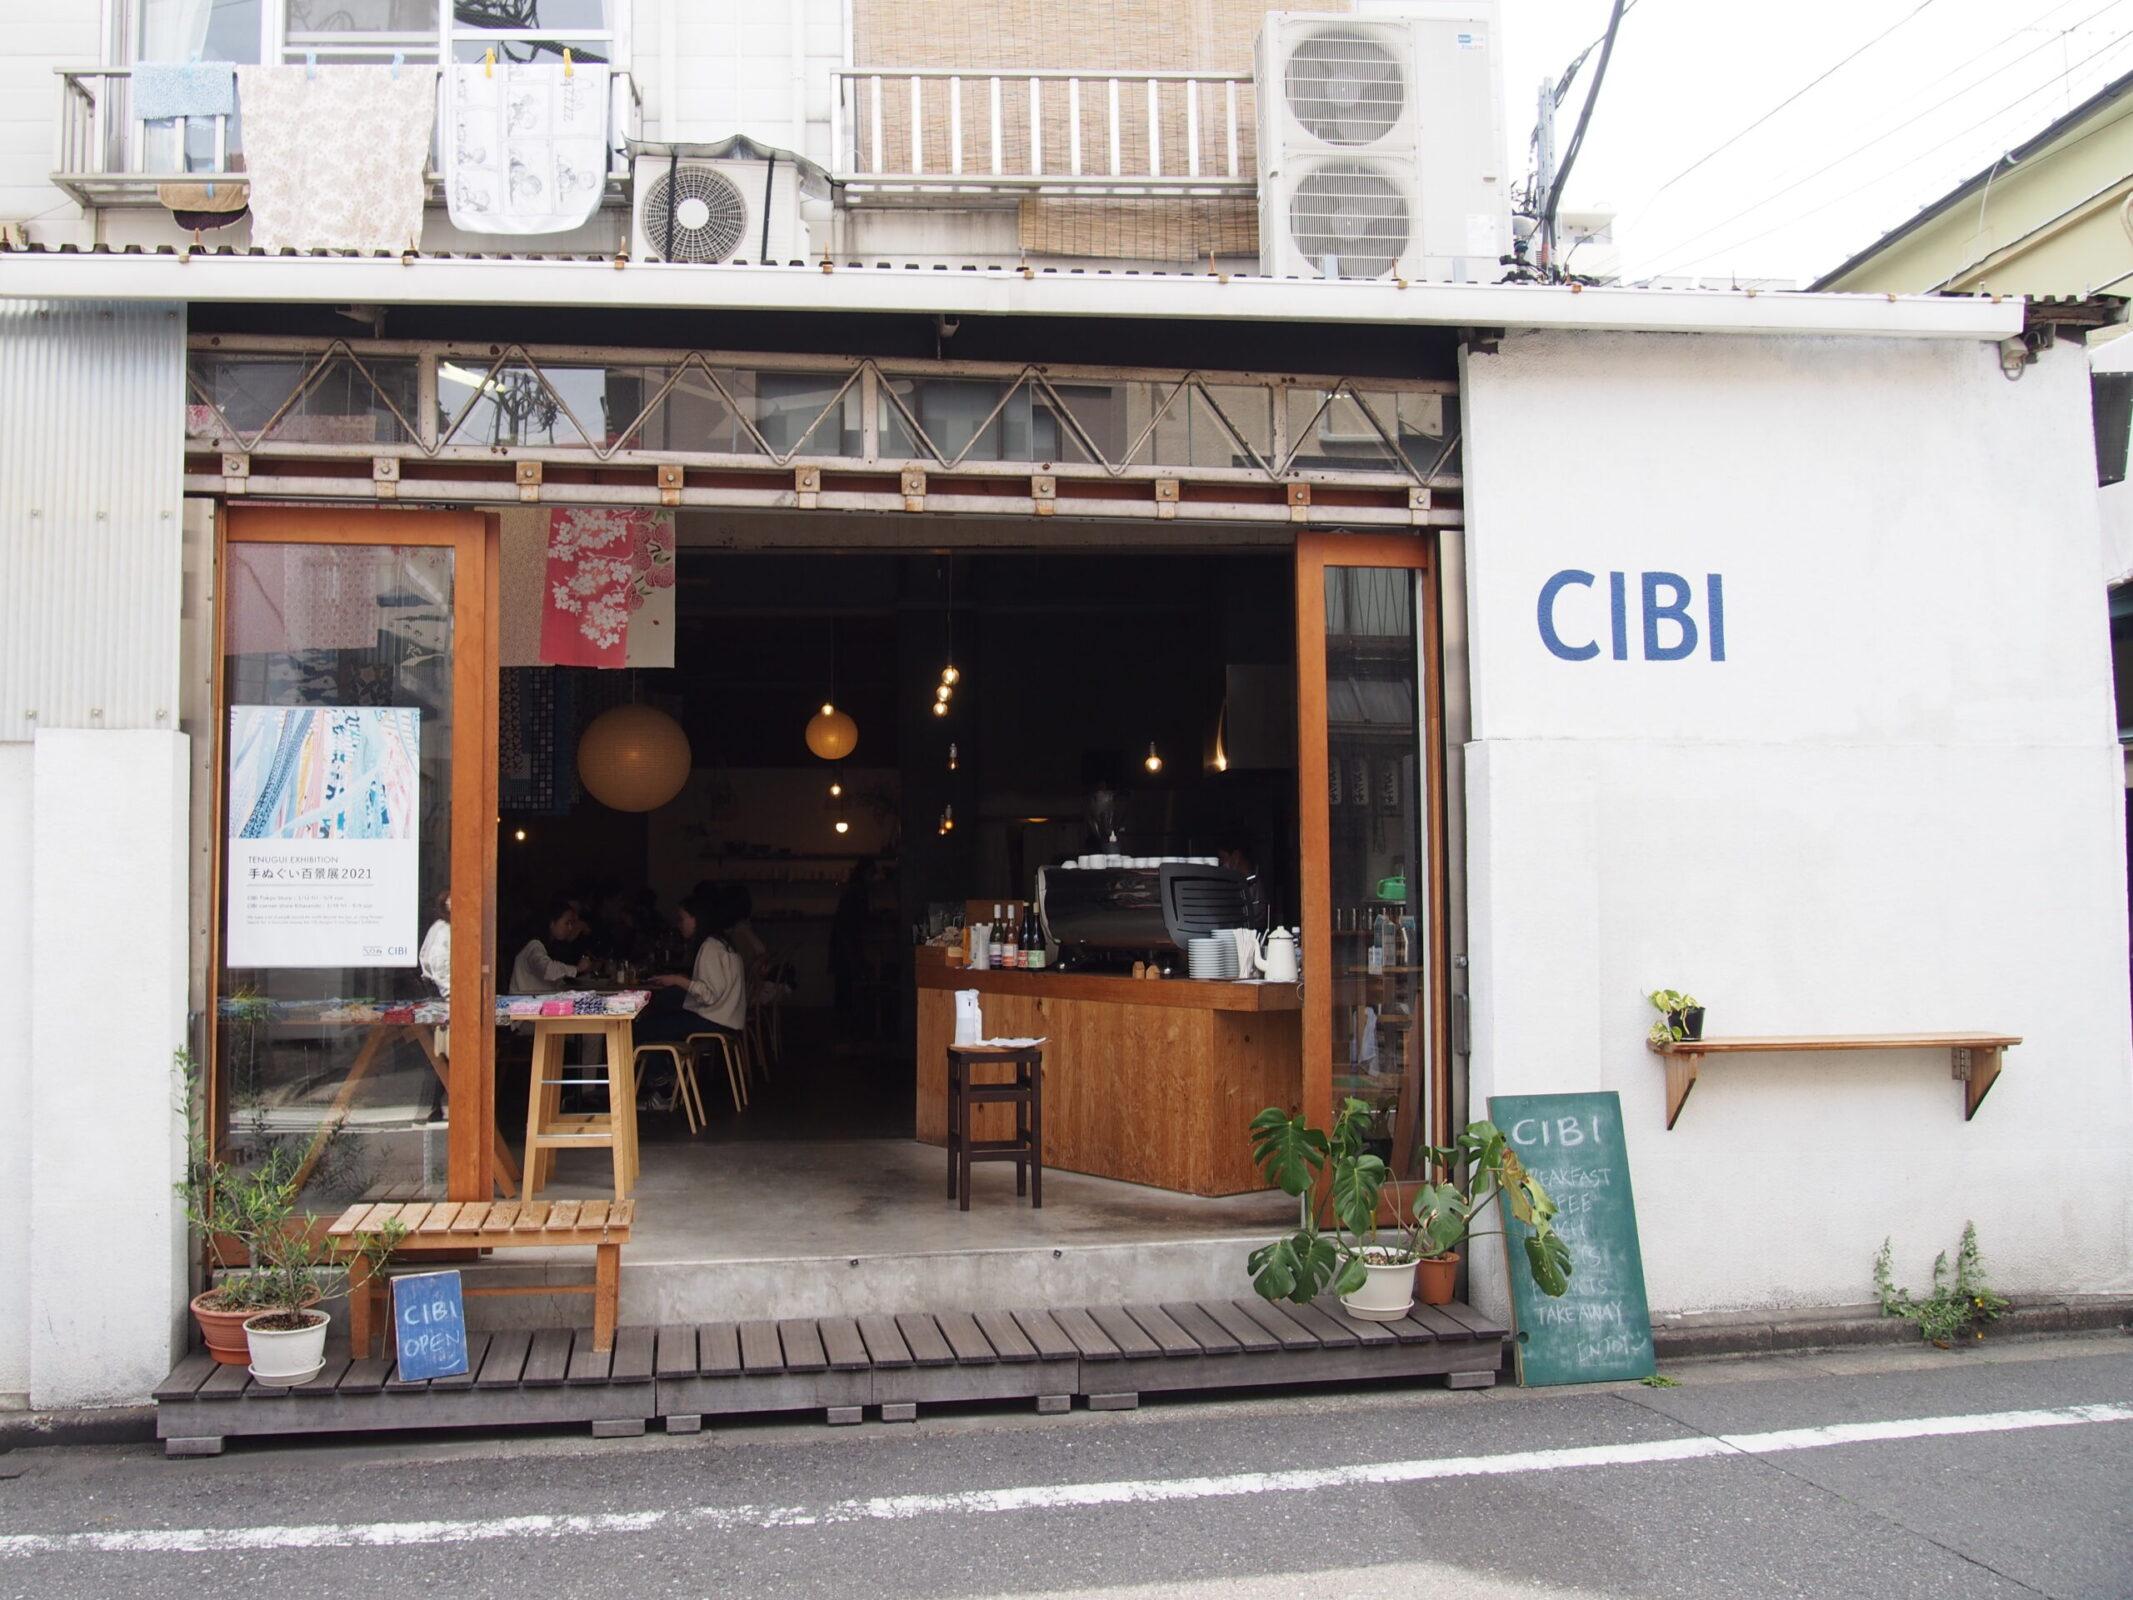 【CIBI(チビ)東京店】すてきな雑貨が眺められる谷根千カフェに行ってきました